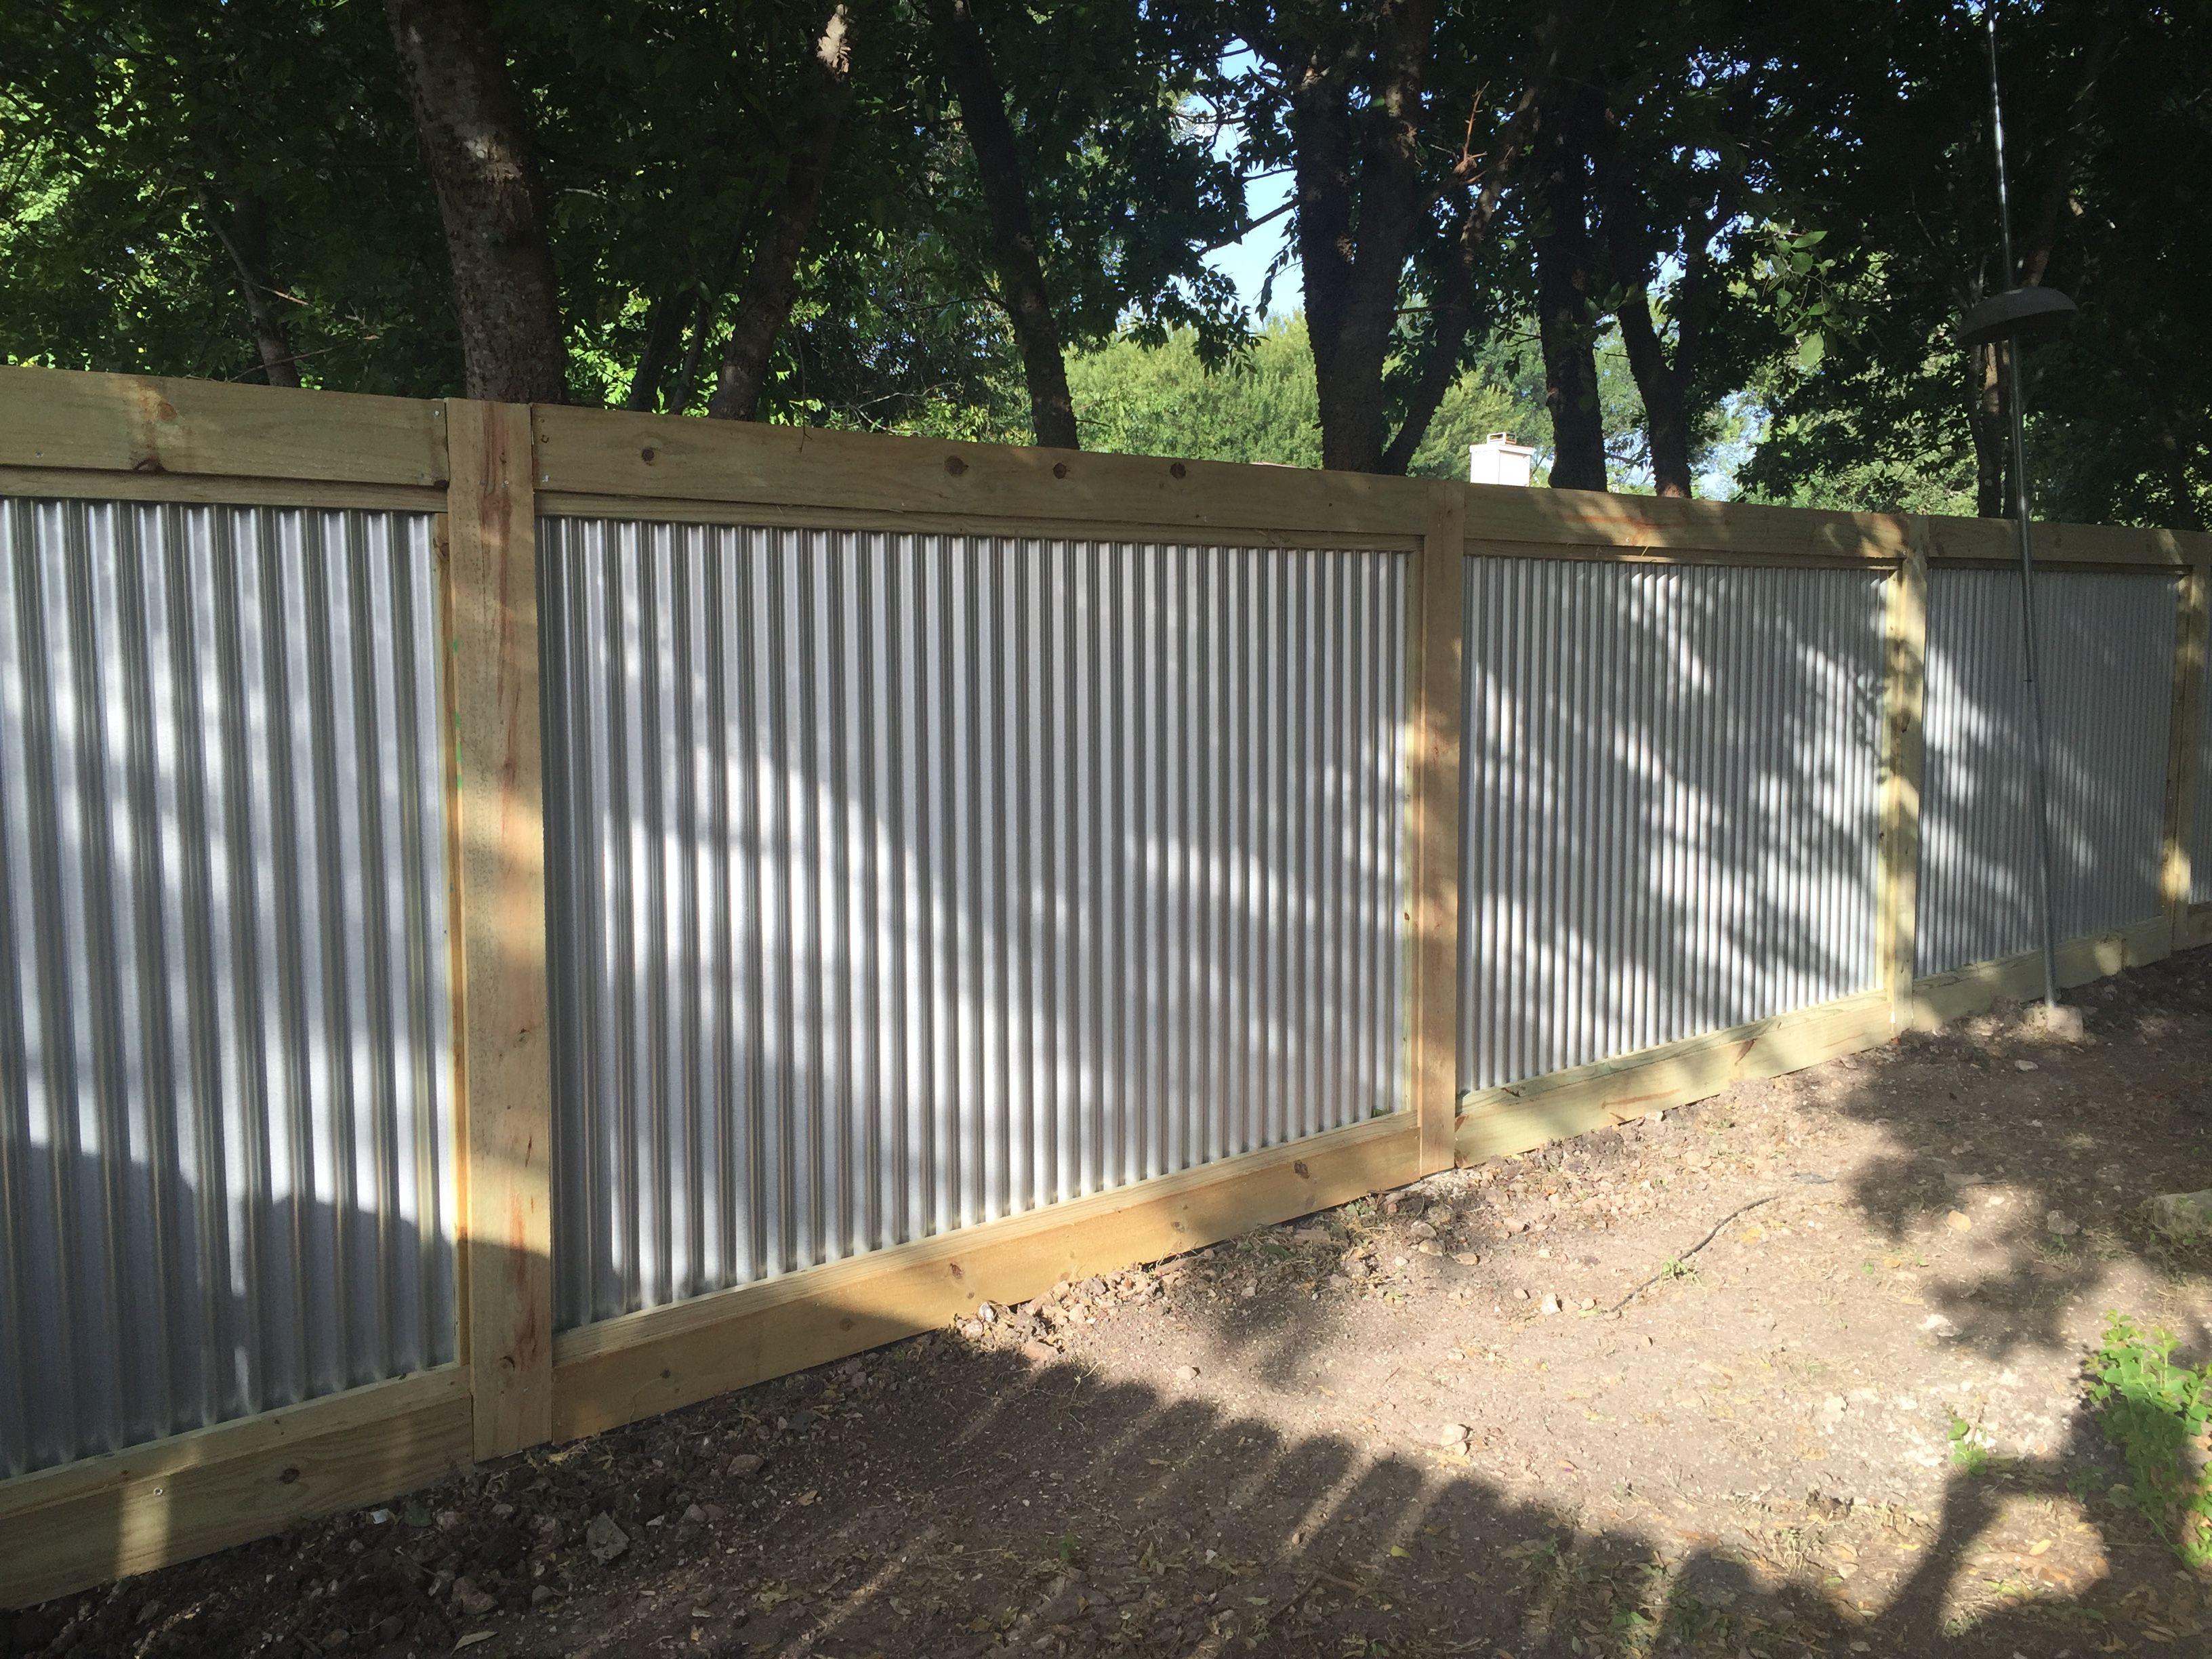 valla de metal corrugado vallas metlicas esgrima cerca de acero ideas para cercas ideas para el patio trasero perreras proyectos al aire libre - Cercas Metalicas